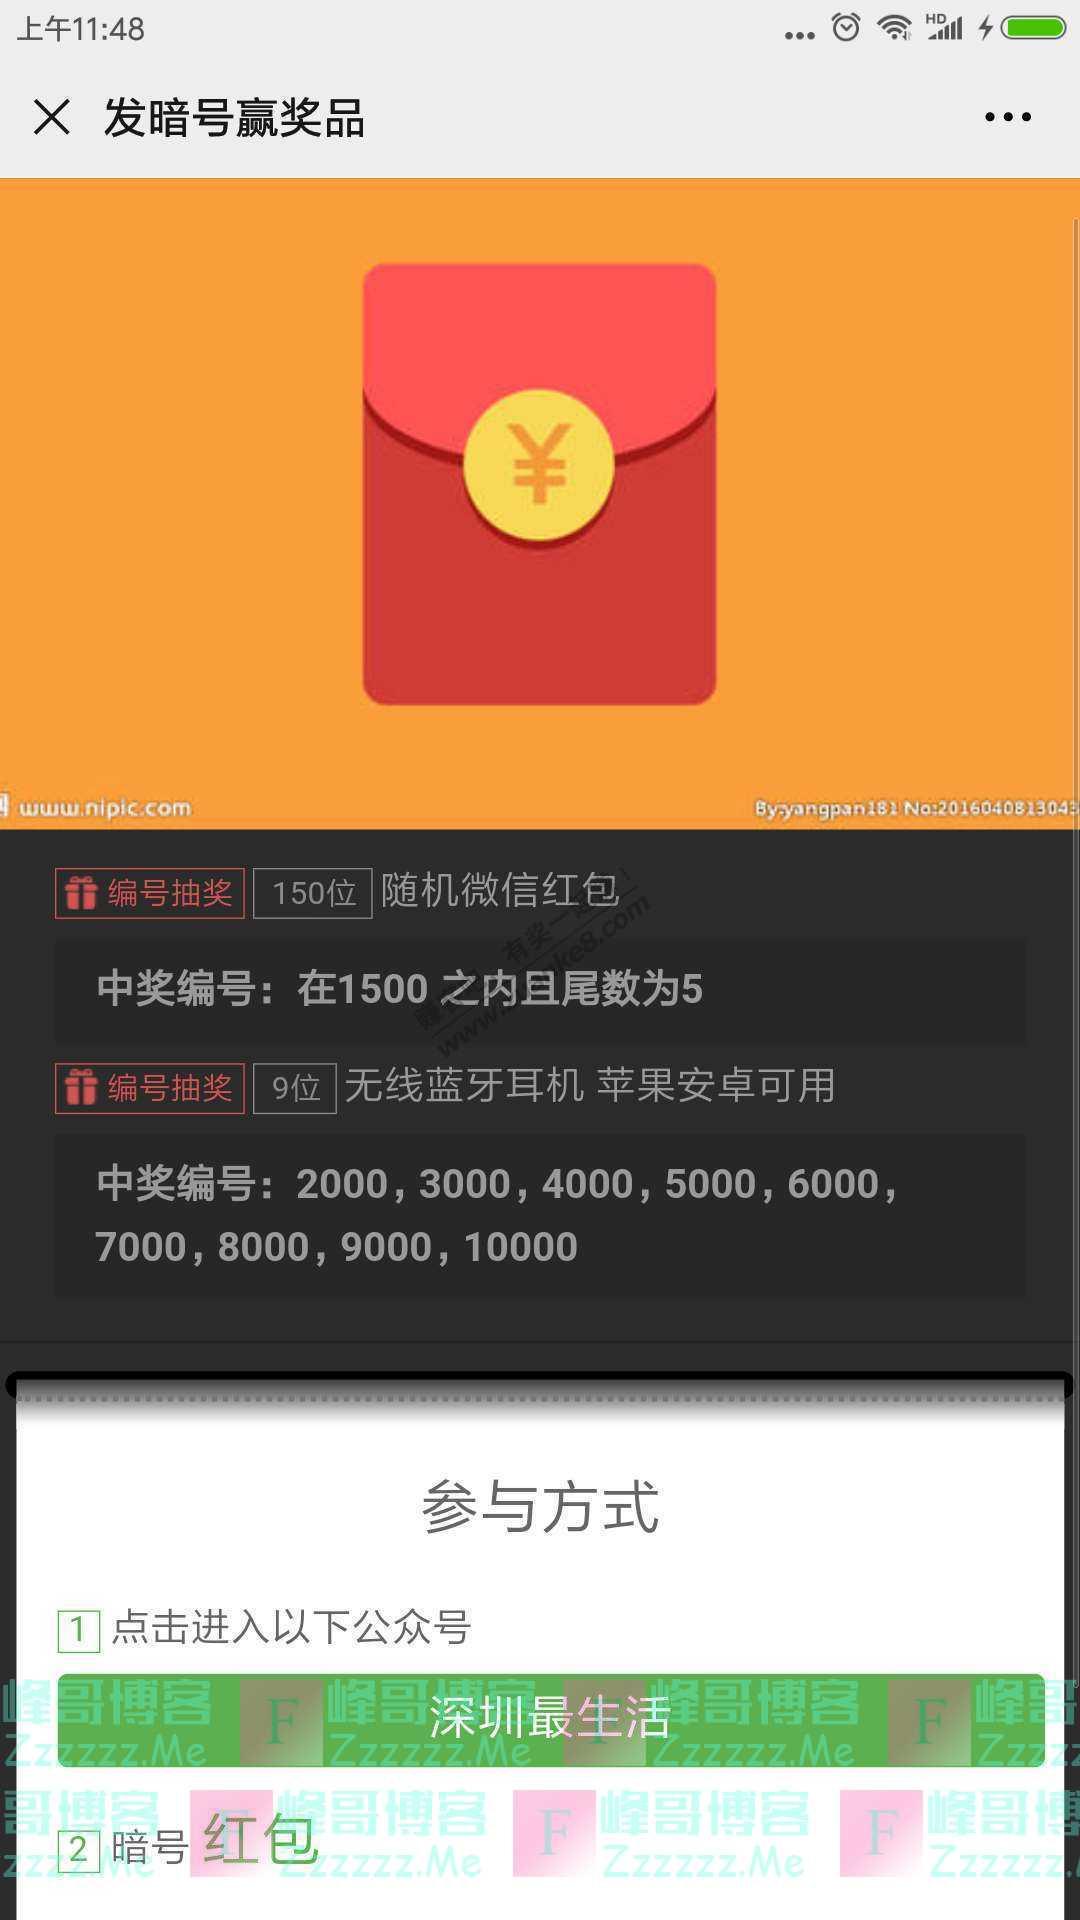 深圳最生活【微信红包】恭喜发财,大吉大利(截止不详)